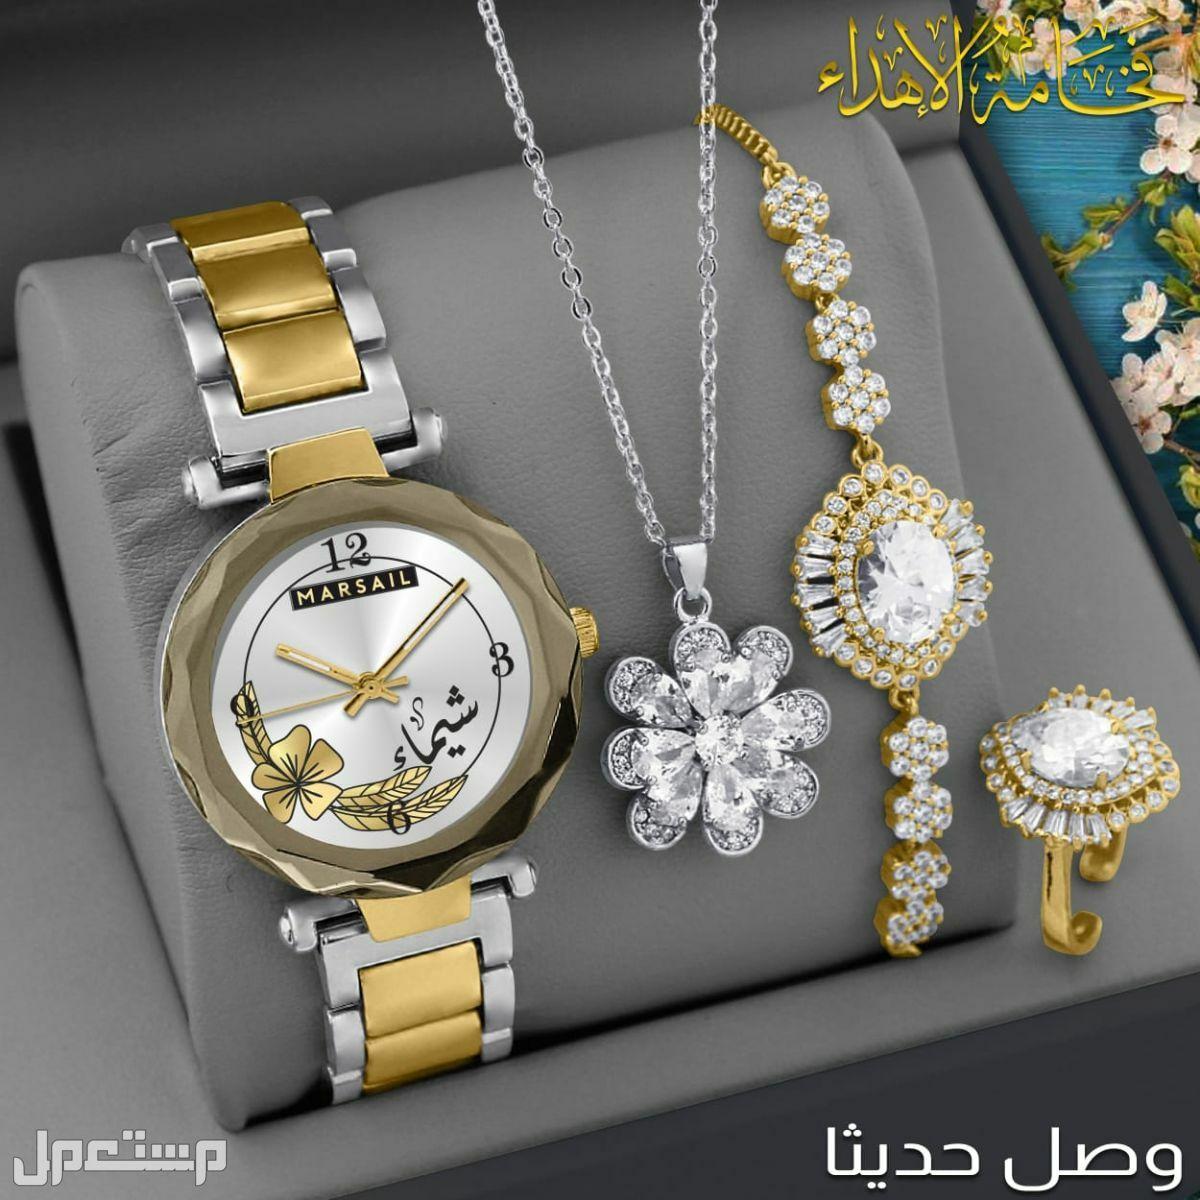 اطقم ساعات وهدايا نسائية ملكية باسم من تحب # يوجد شحن